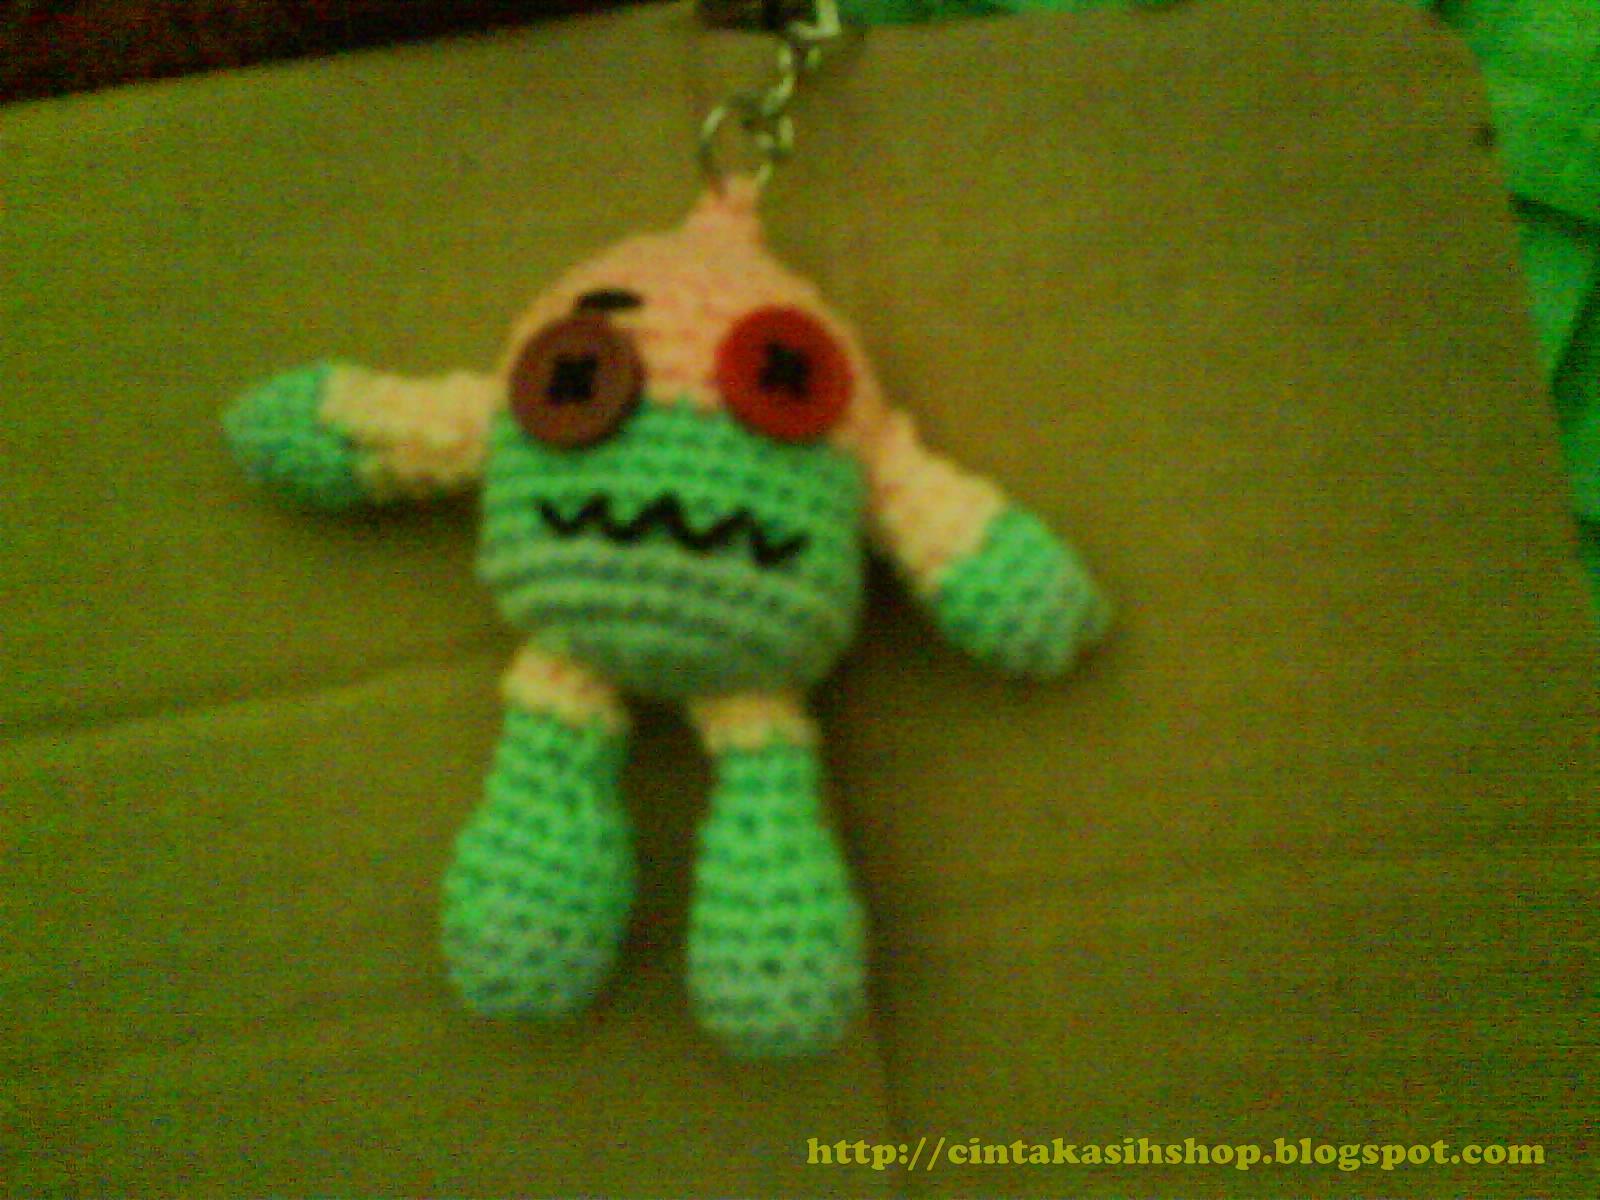 Cute!!!: Amigurumi Upin dan Ipin dan Monsters...